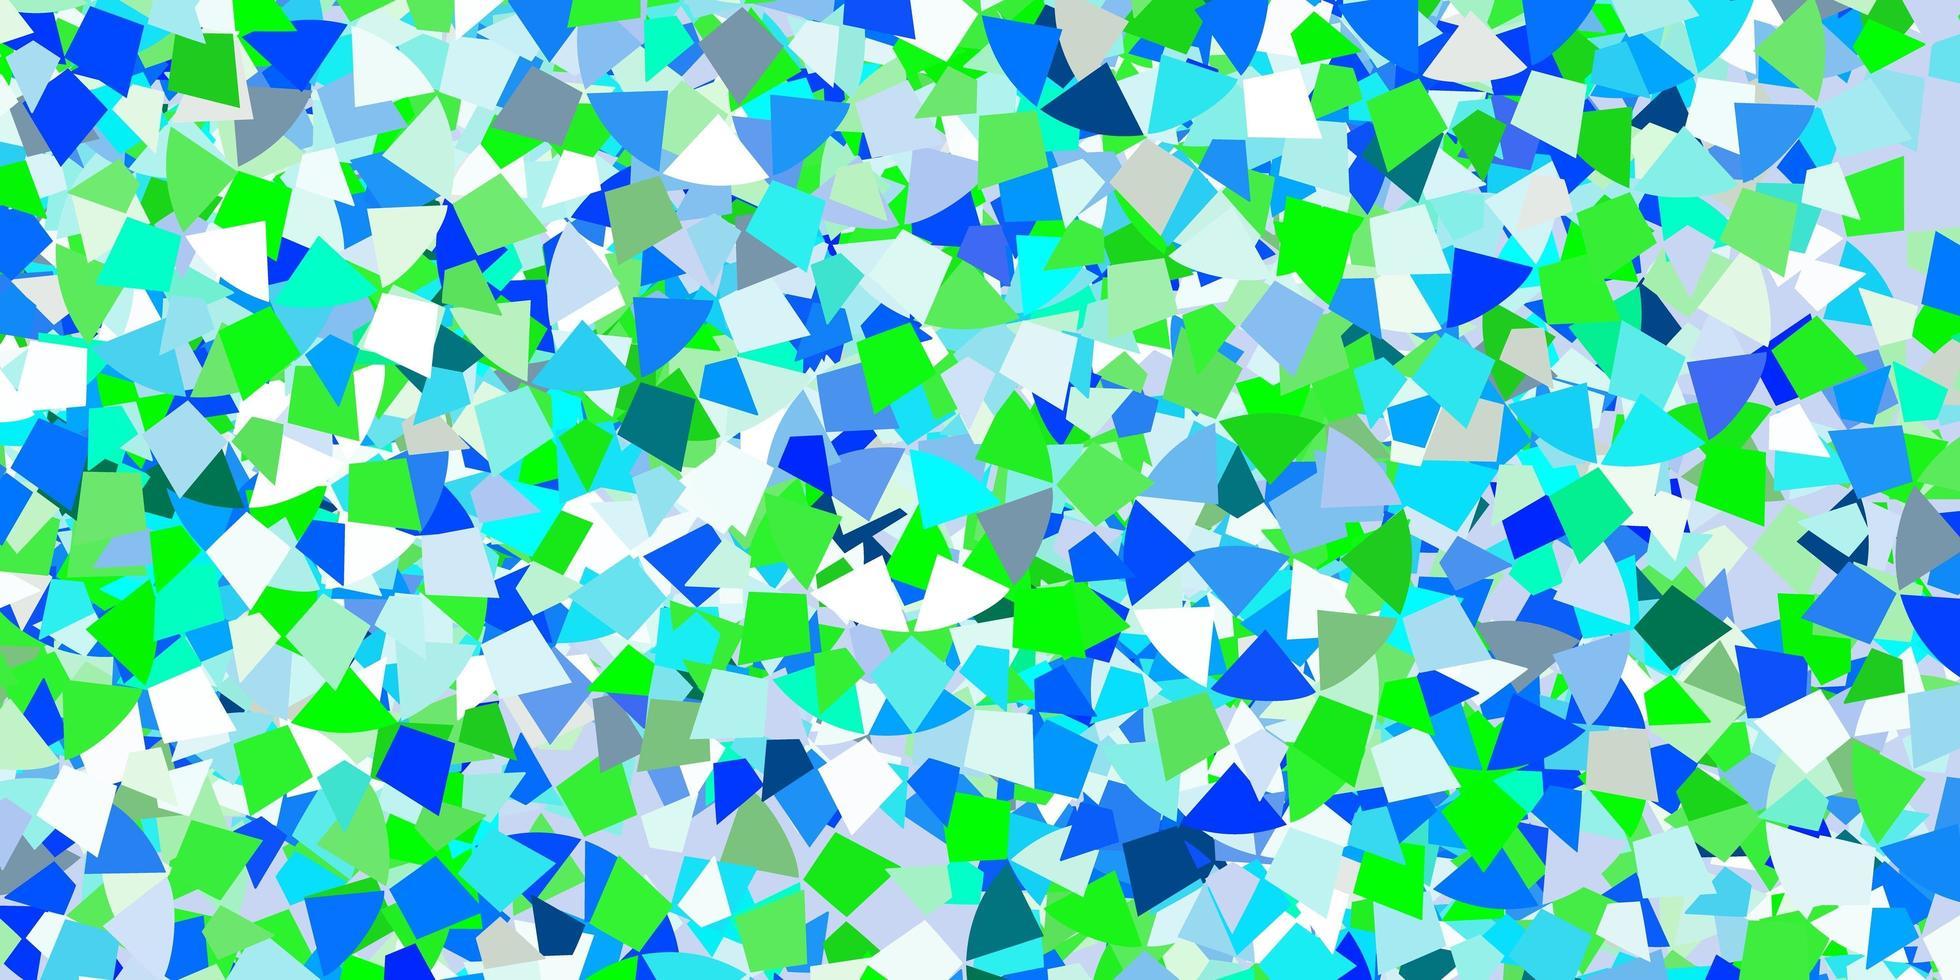 modèle vectoriel bleu clair avec des cristaux, des triangles.